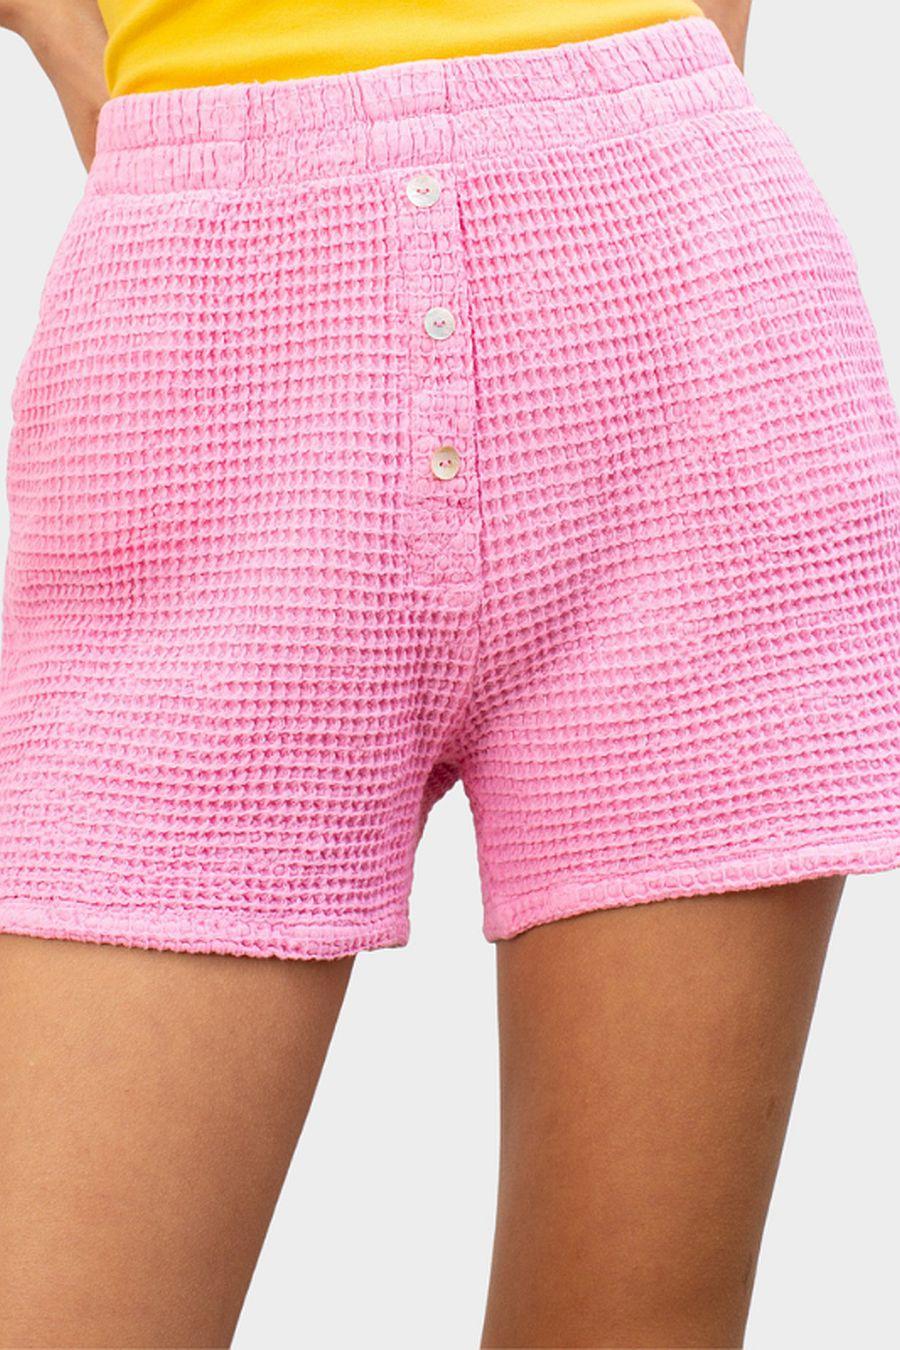 DONNI. Waffle Short - Flamingo